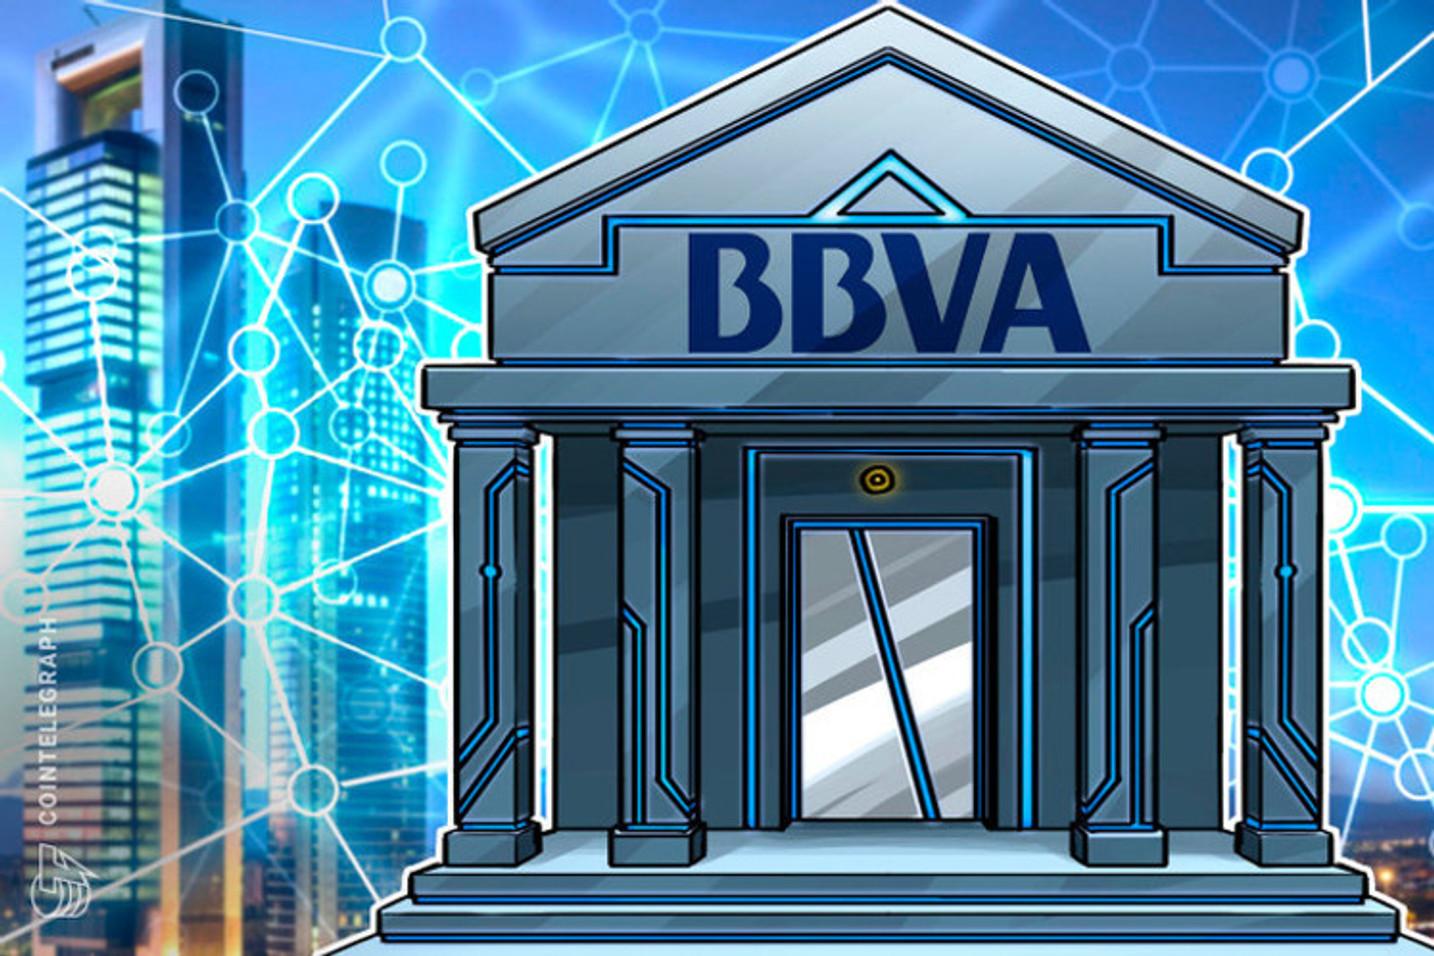 BBVA anuncia incorporación a red blockchain Trusple auspiciada por filial del grupo Alibaba